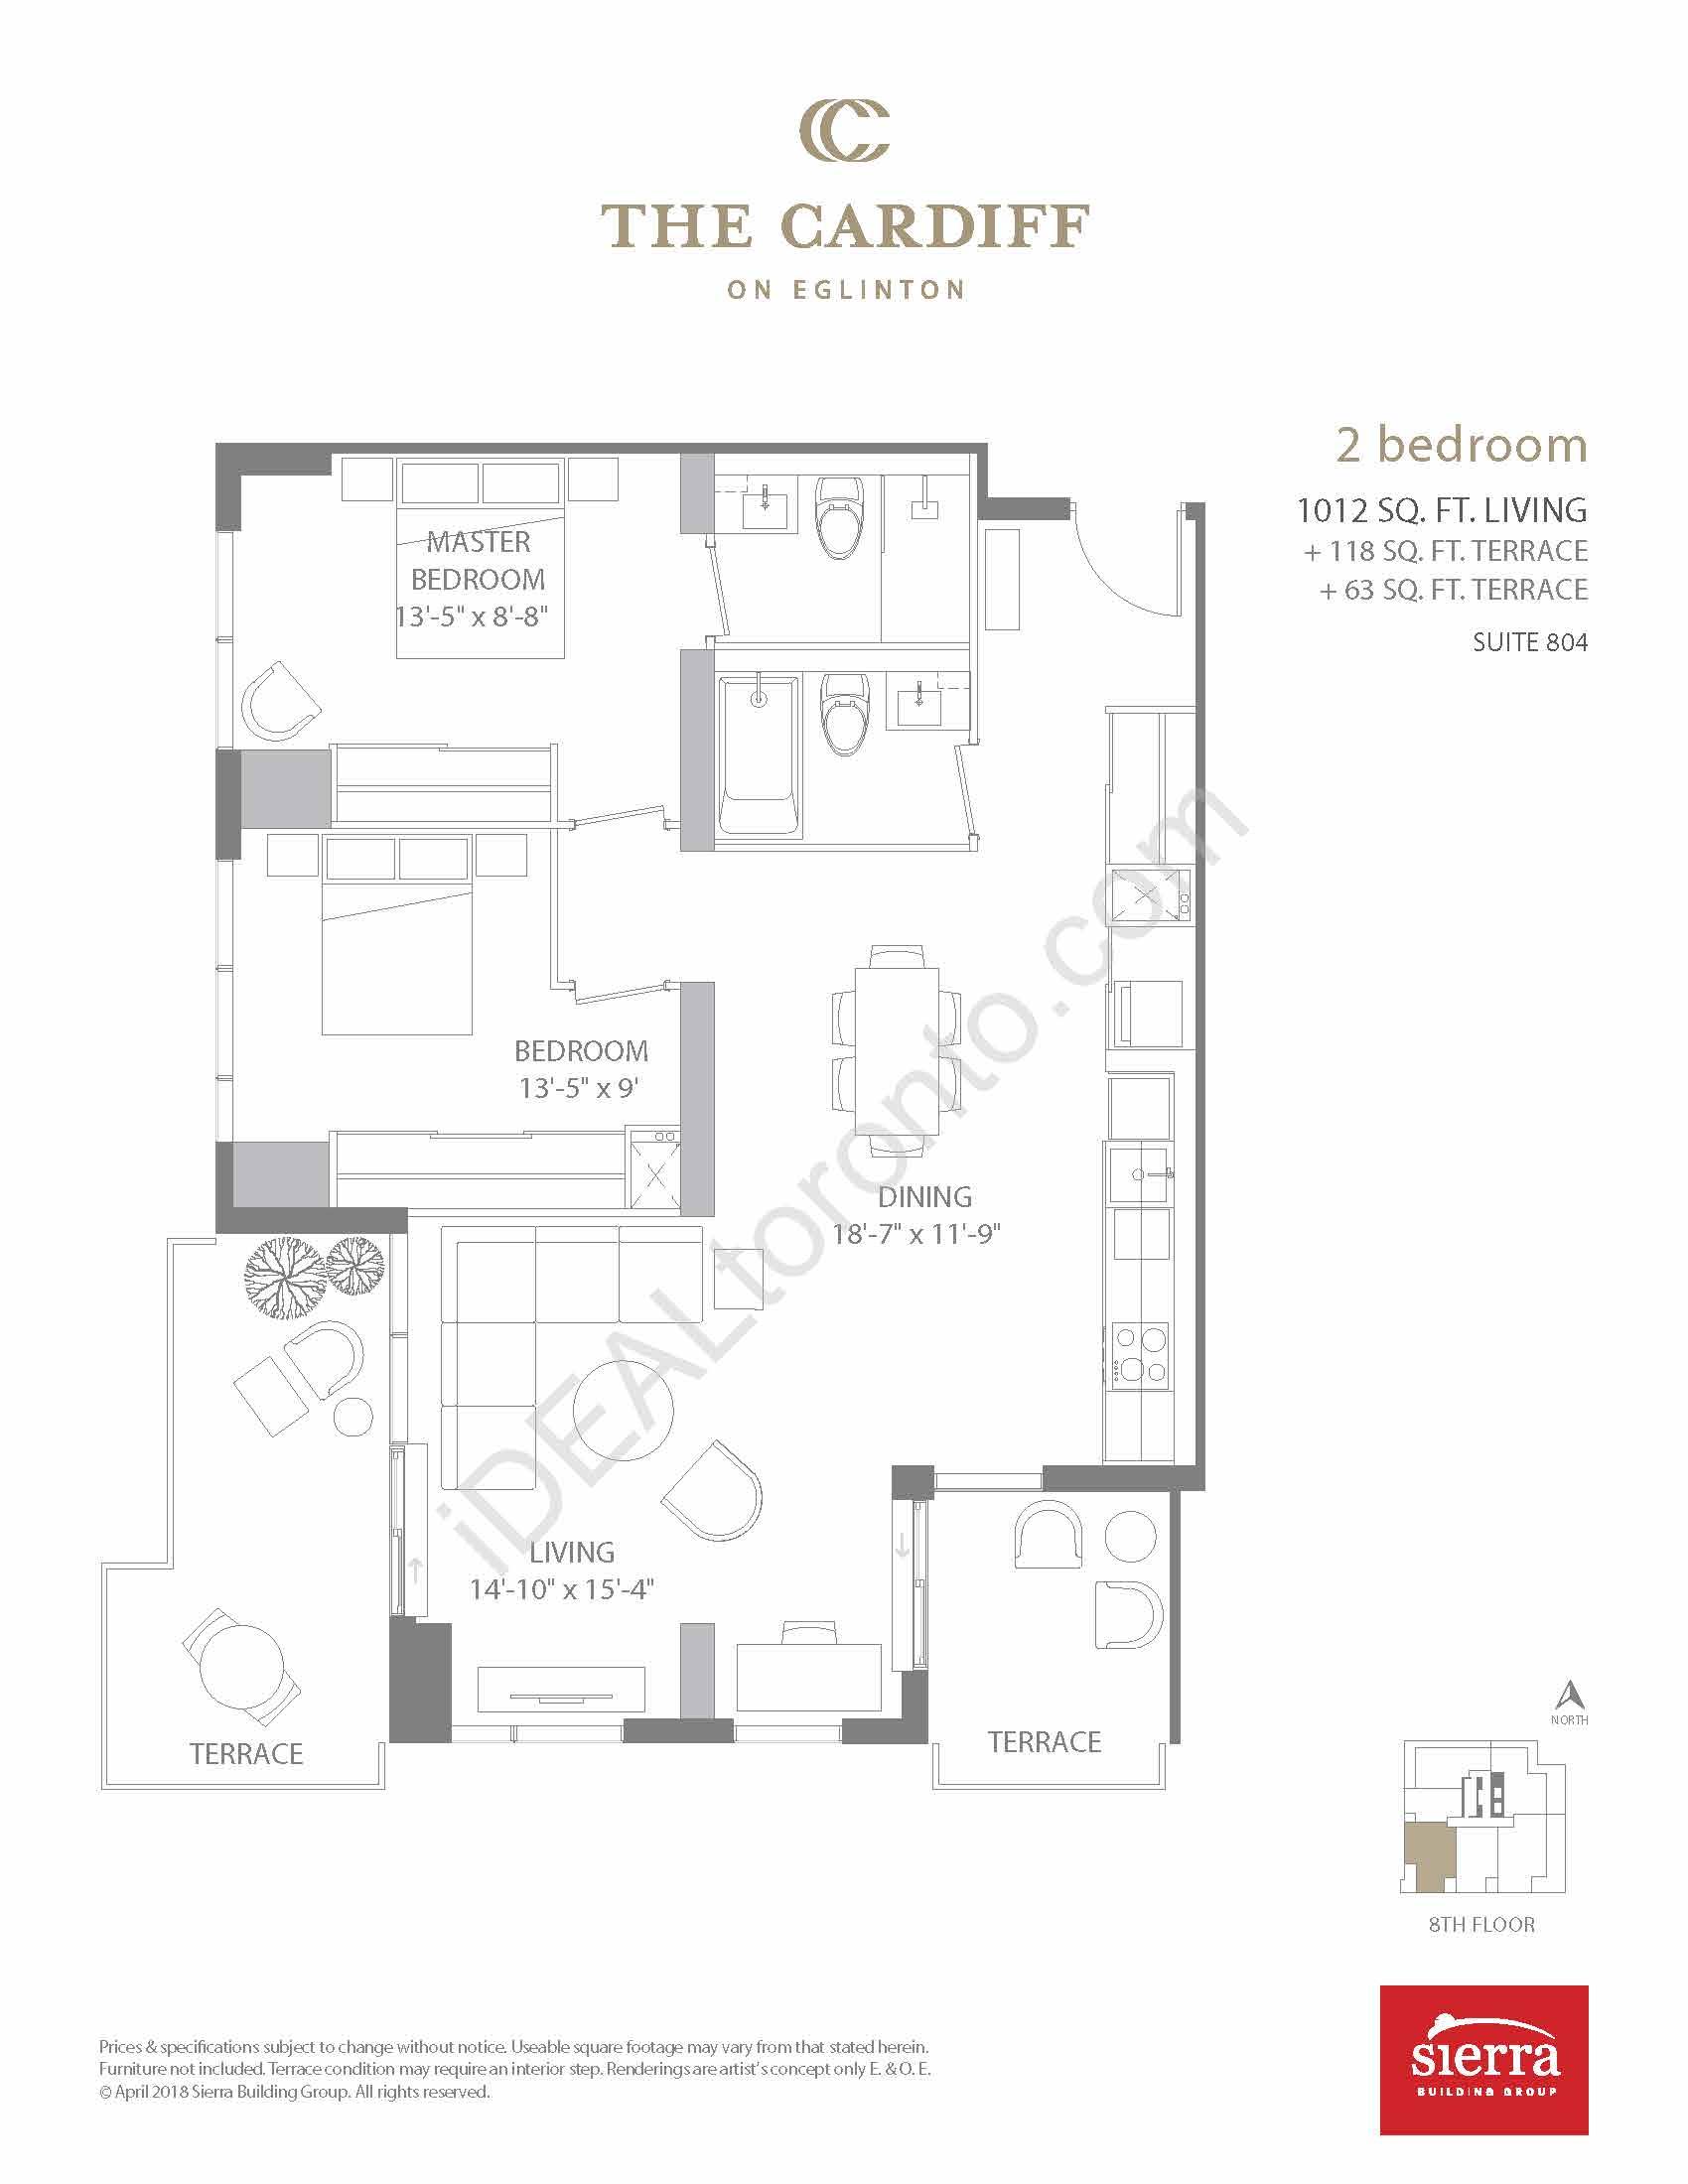 2 Bedroom + 2 Terraces